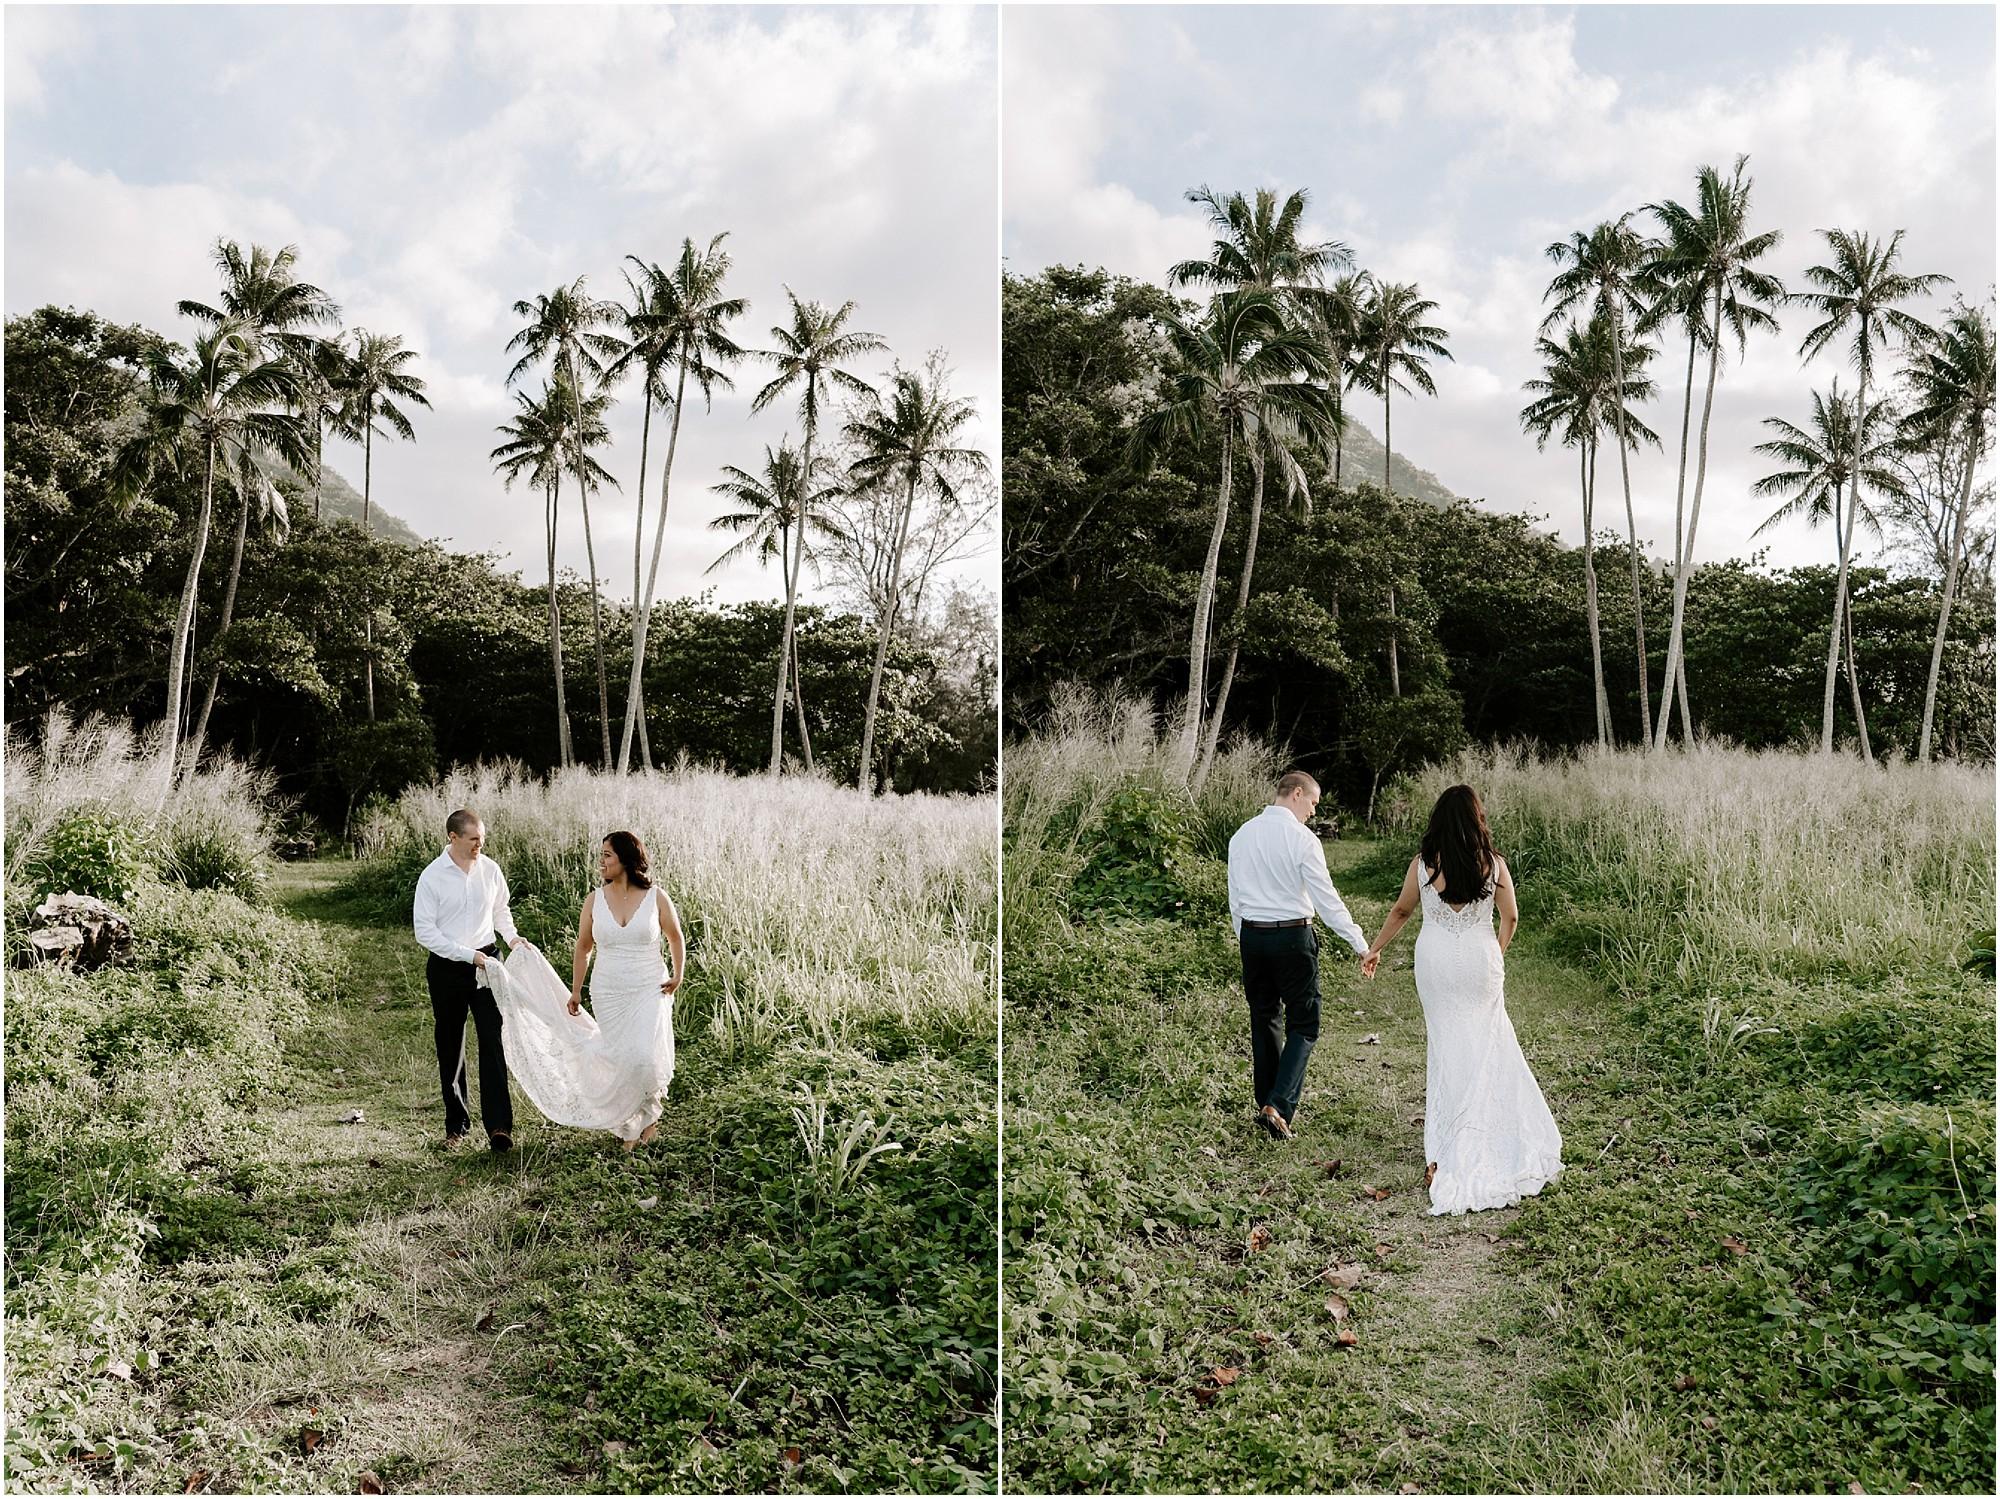 oahu-intimate-bridal-adventure-session_0002.jpg